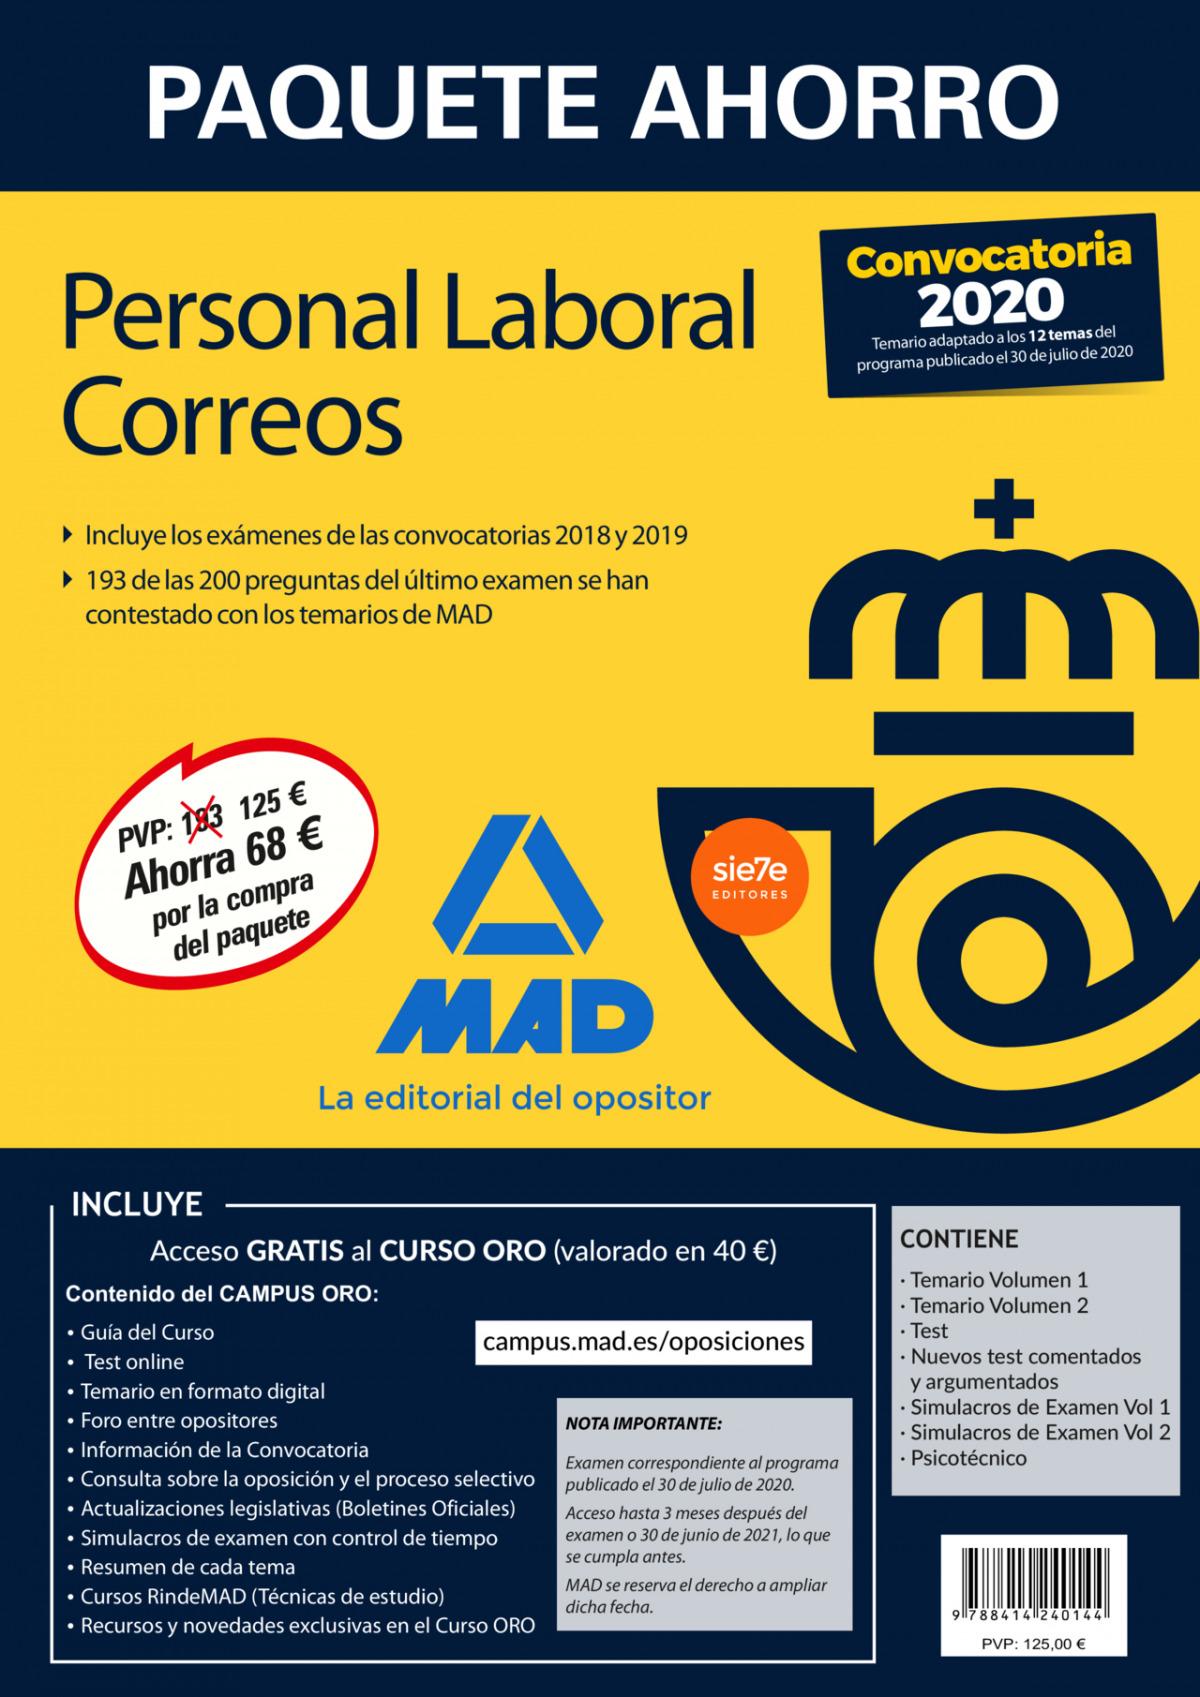 Paquete Ahorro Personal Laboral Correos 2020. Ahorra 68 ? (incluye Temarios 1 y 2; Test; Nuevos test comentados y argumentados; Simulacros de Examen 1